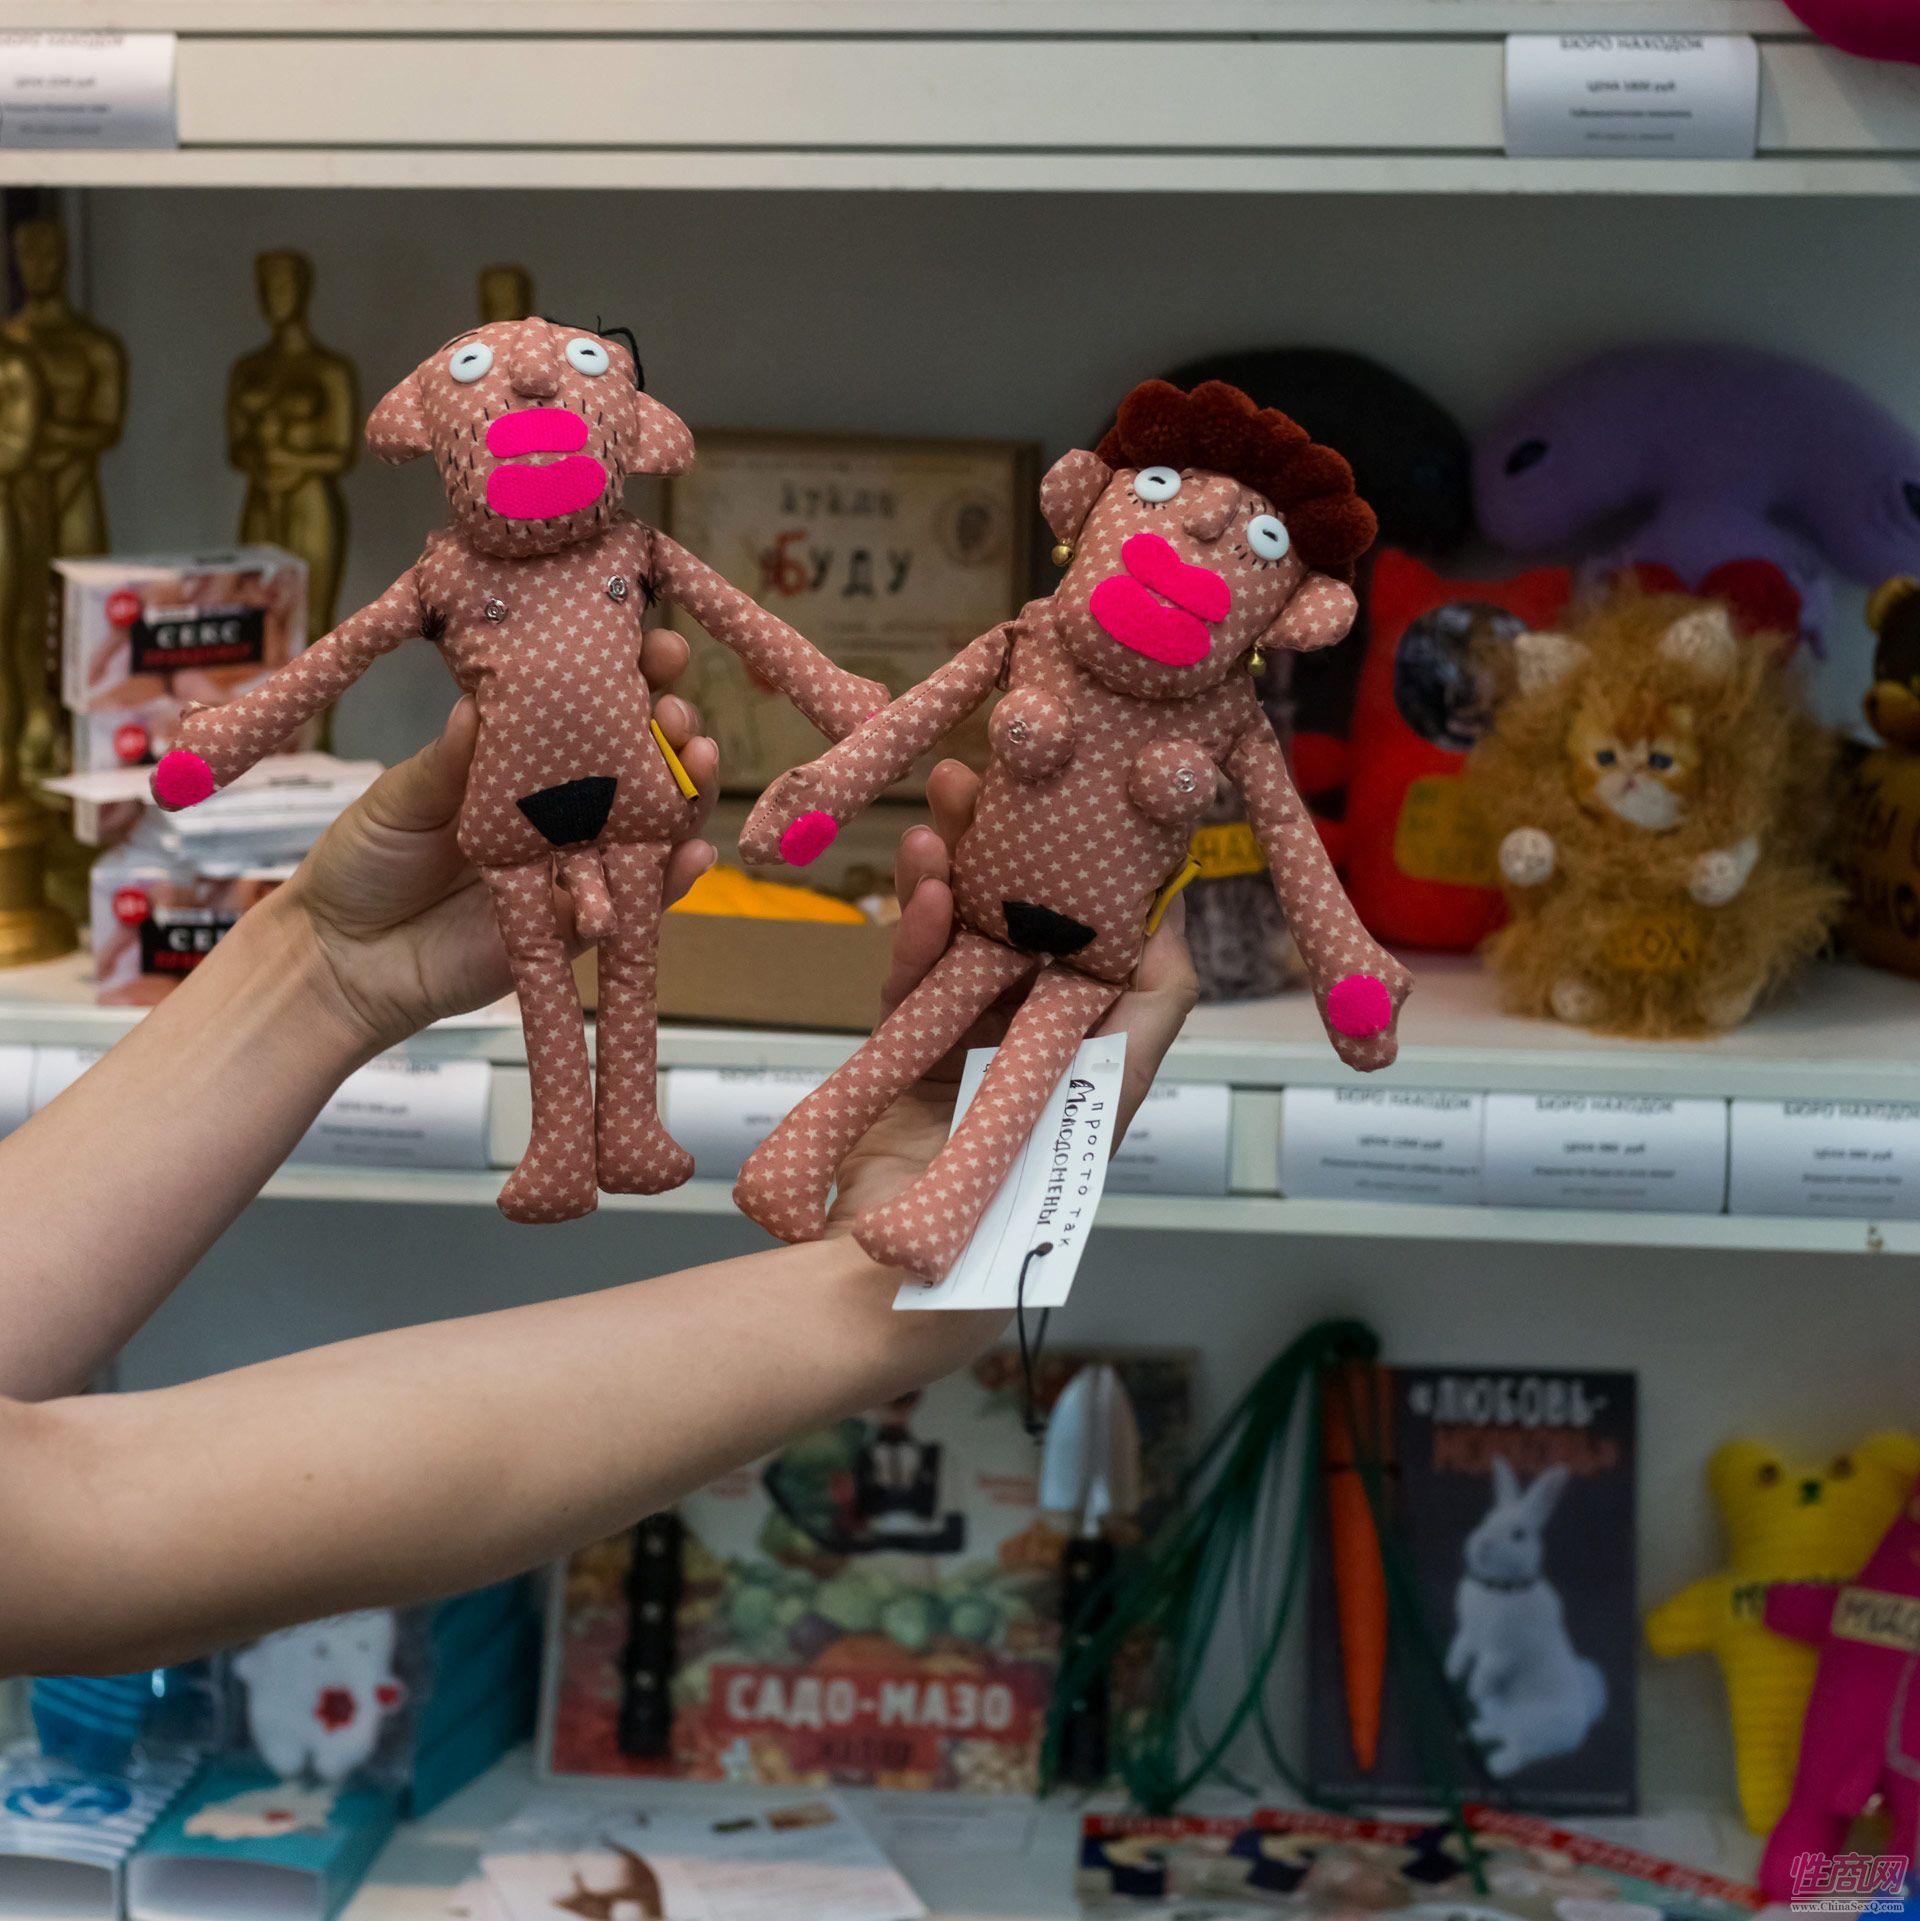 丑萌的性趣娃娃玩具